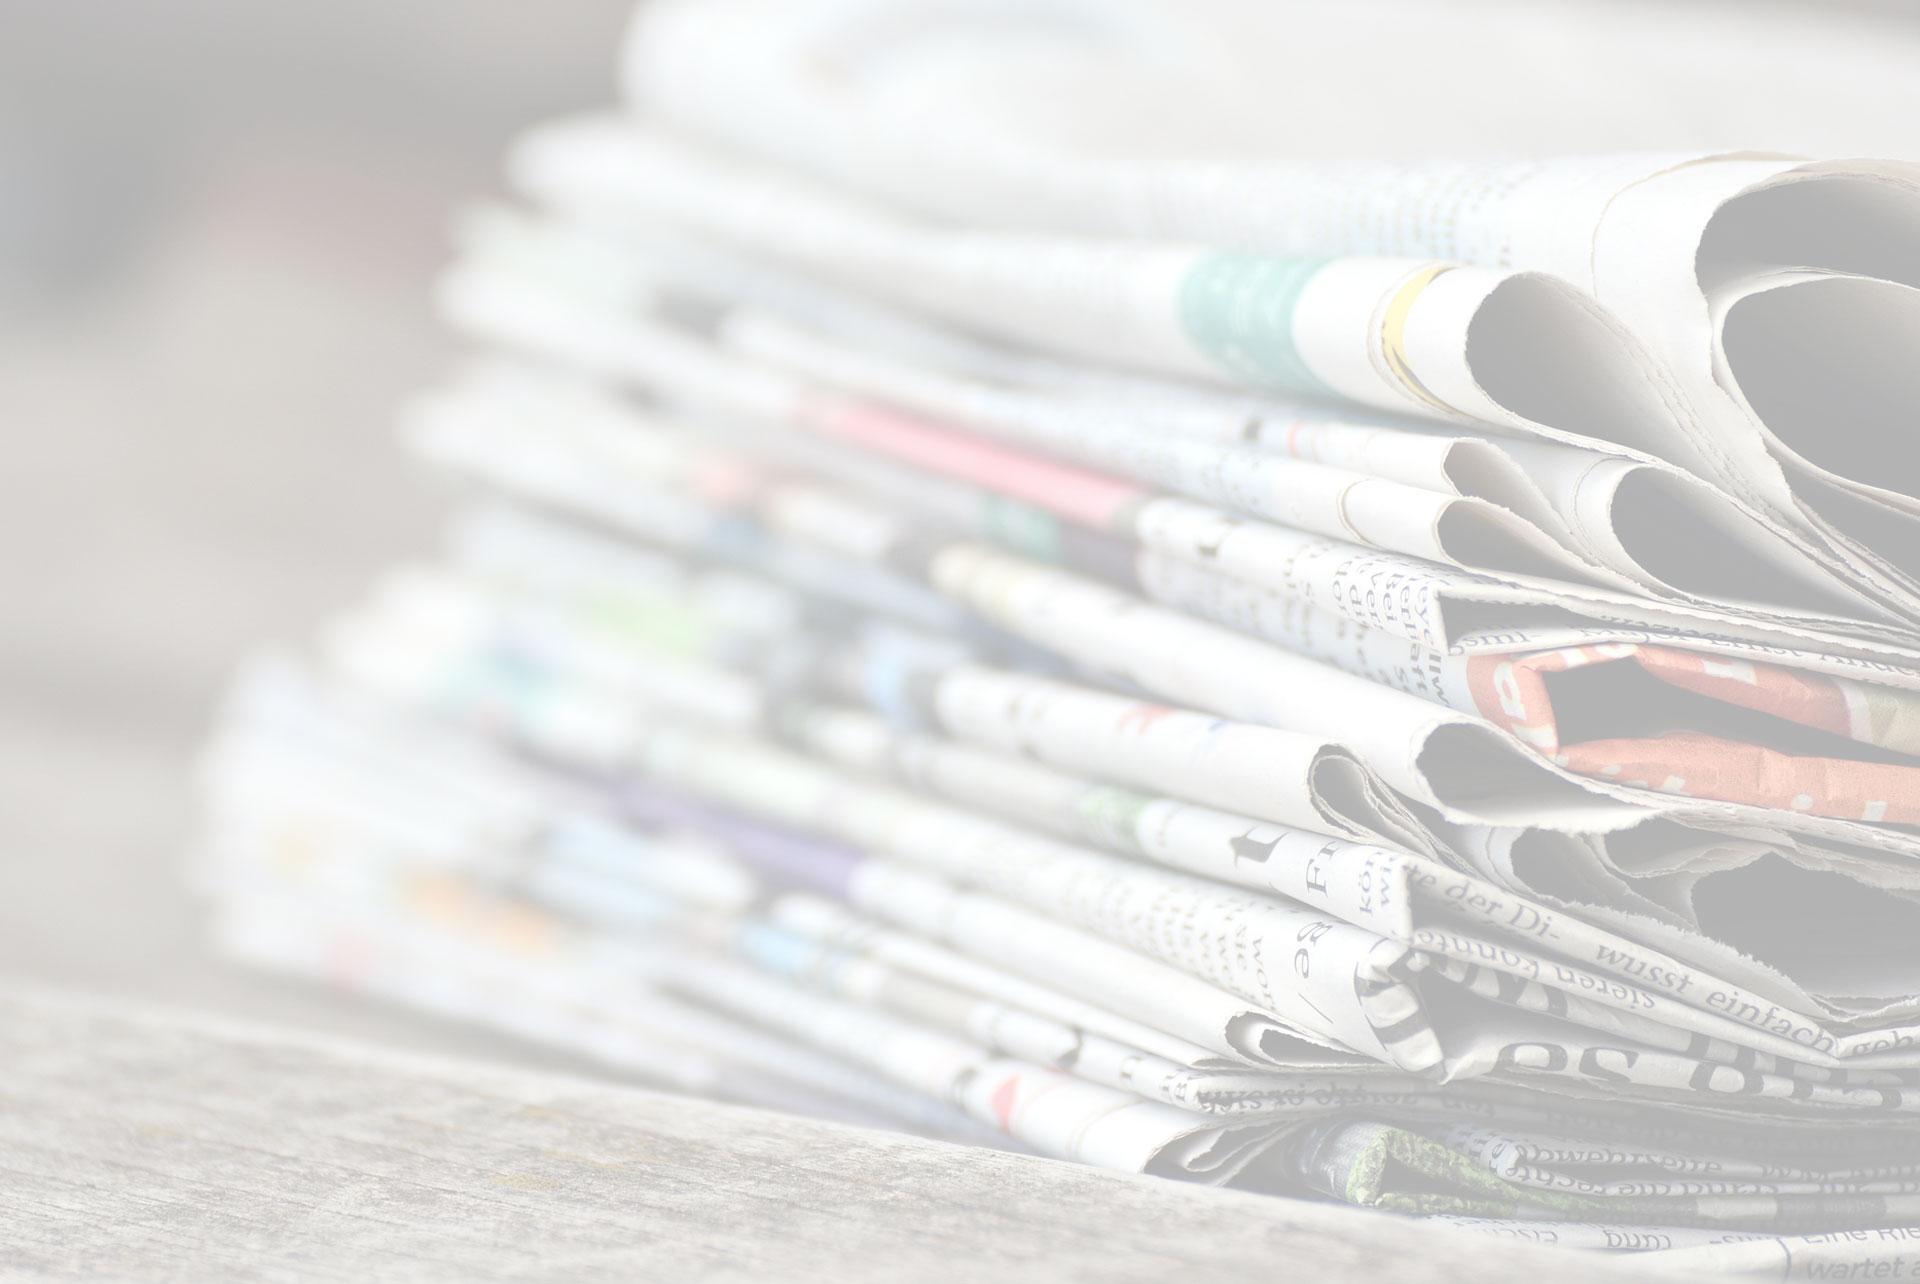 Piaggio si aggiudica la gara per la fornitura a Poste Italiane